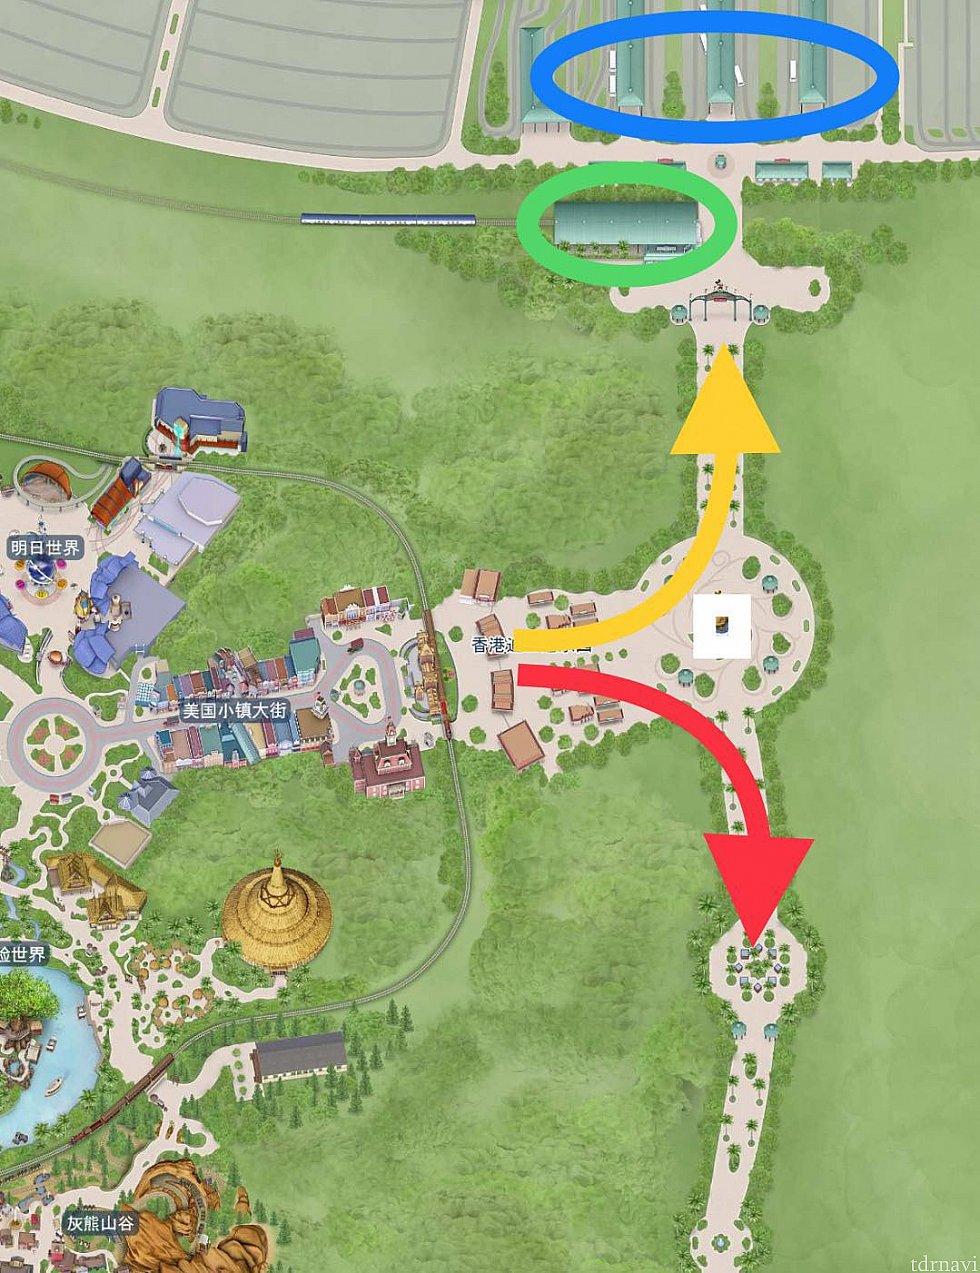 黄矢印はMTR、バスターミナル方面(青丸はバスターミナル、緑丸はMTRディズニー駅)。赤矢印はディズニーランドホテル方面。白角はクジラの上でサーフィンしているミッキーの噴水です。